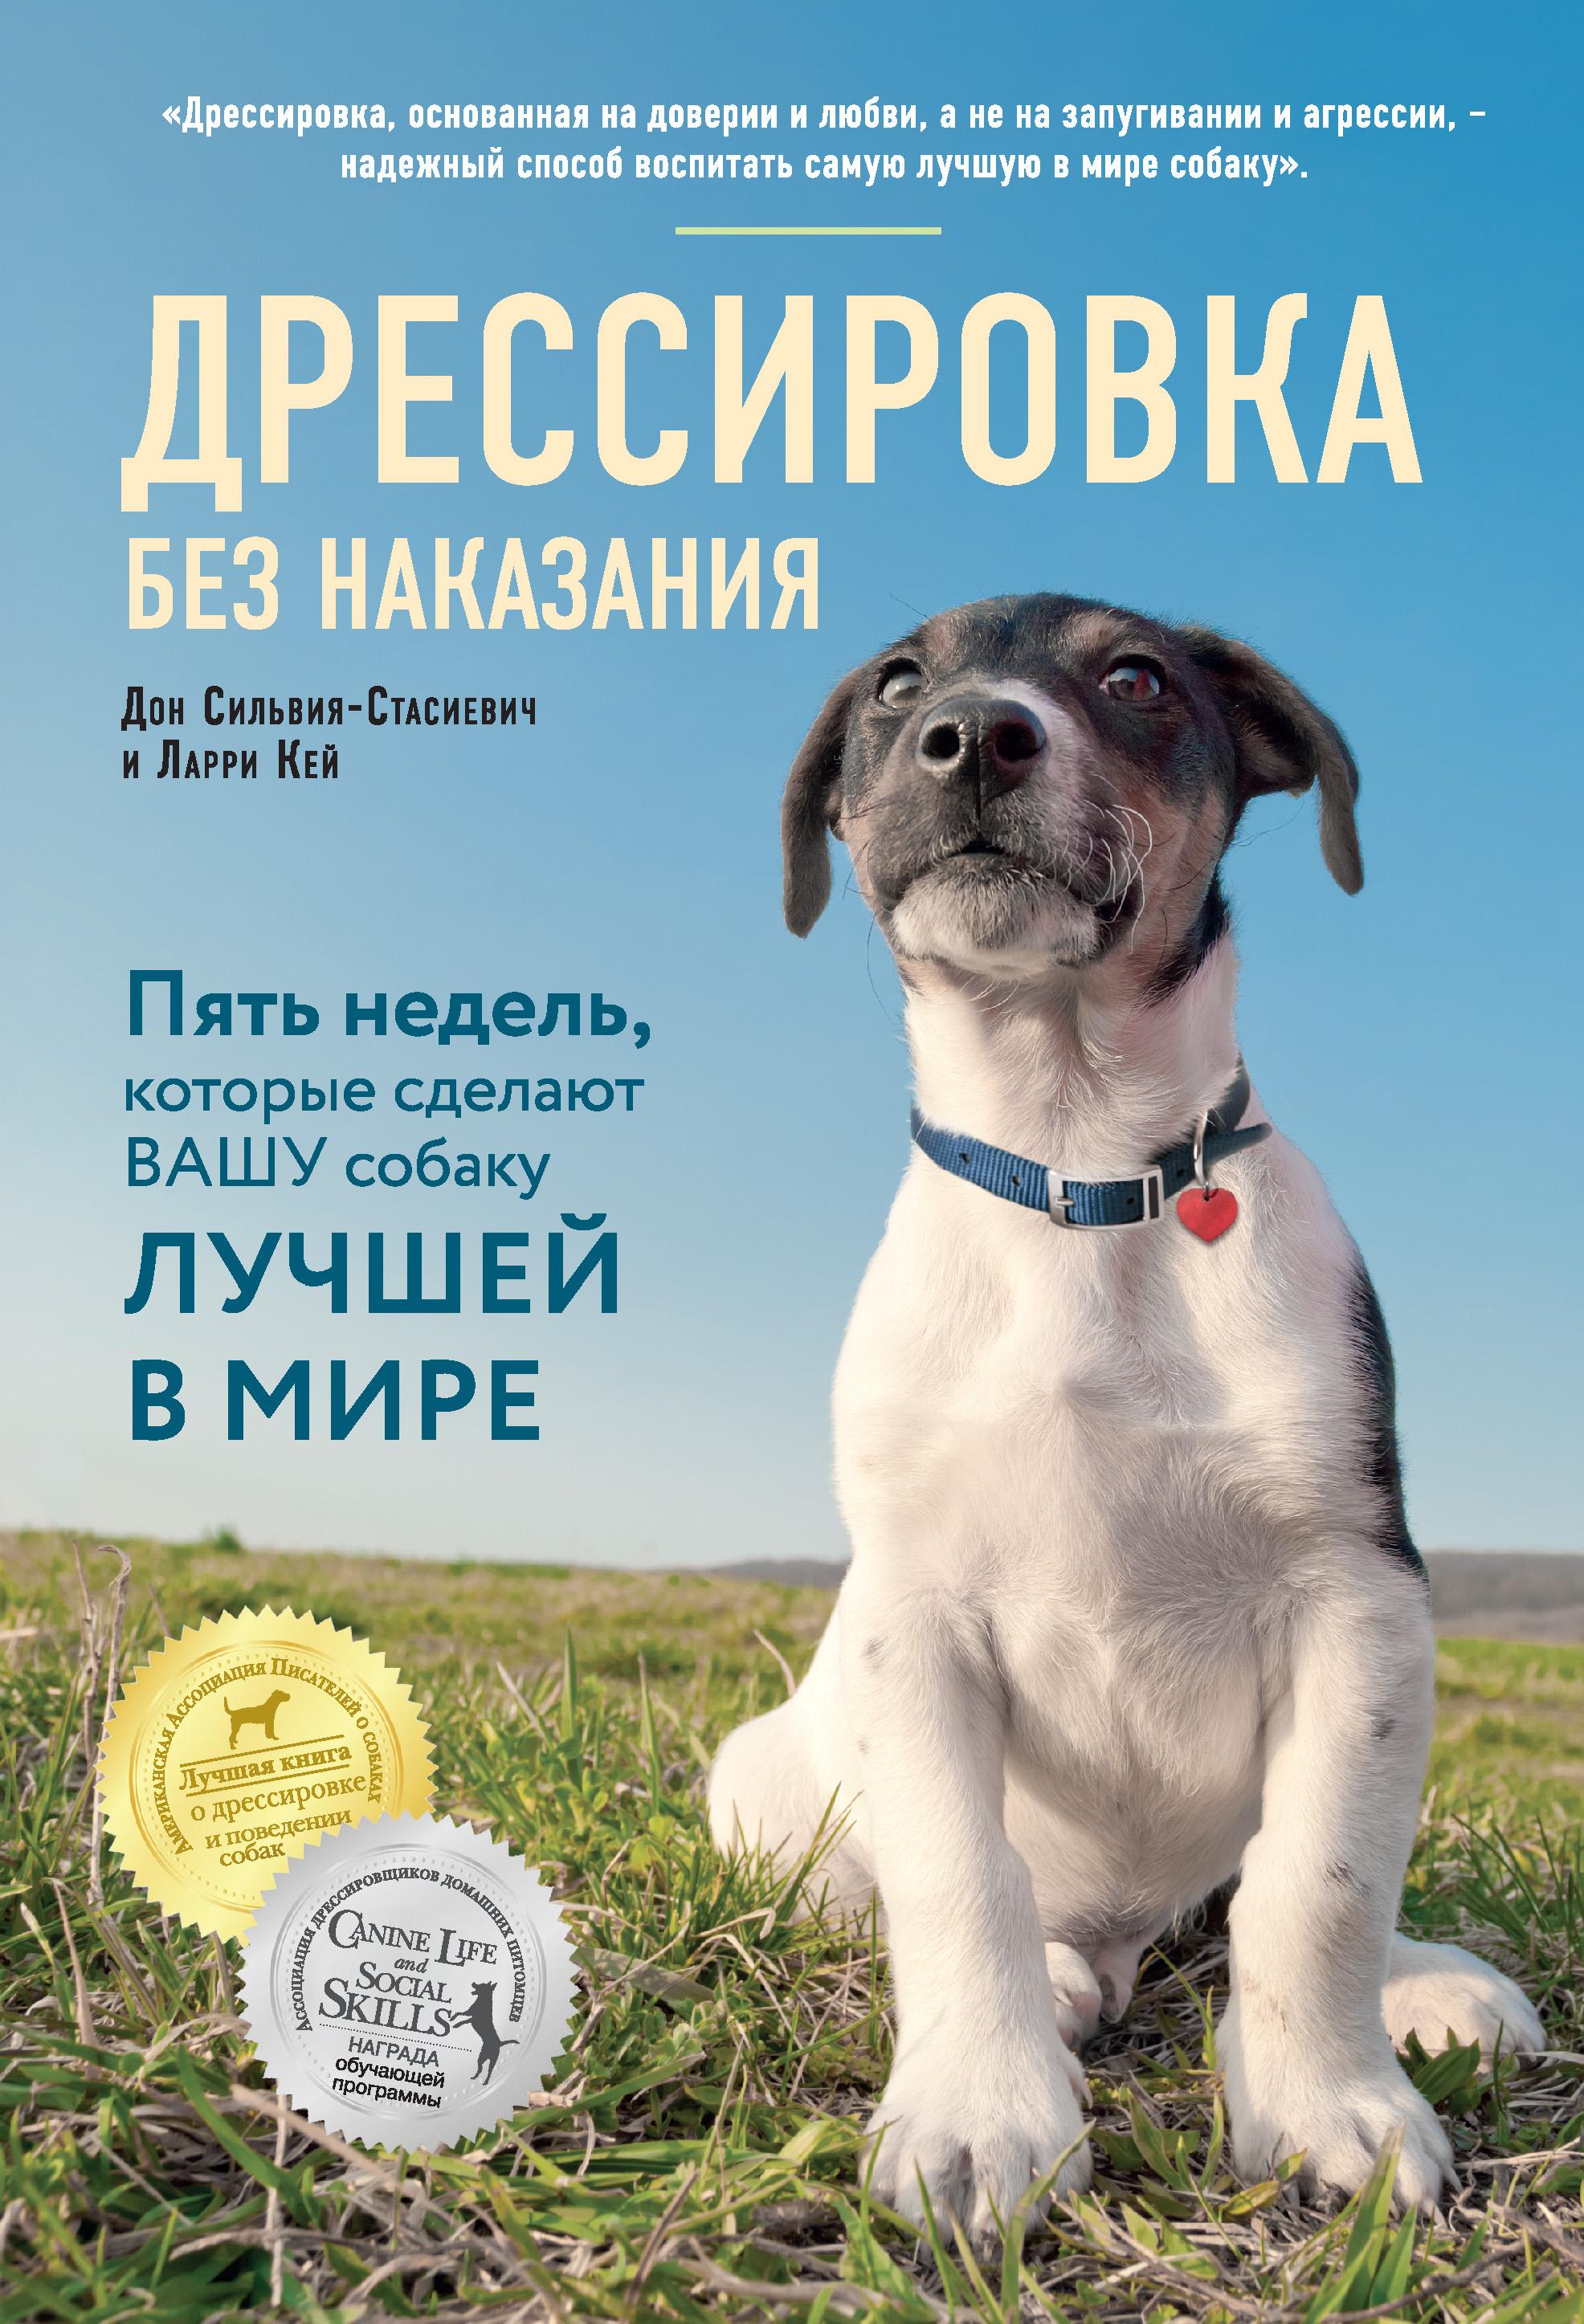 Дон Сильвия-Стасиевич, Ларри Кей «Дрессировка без наказания. Пять недель, которые сделают вашу собаку лучшей в мире»